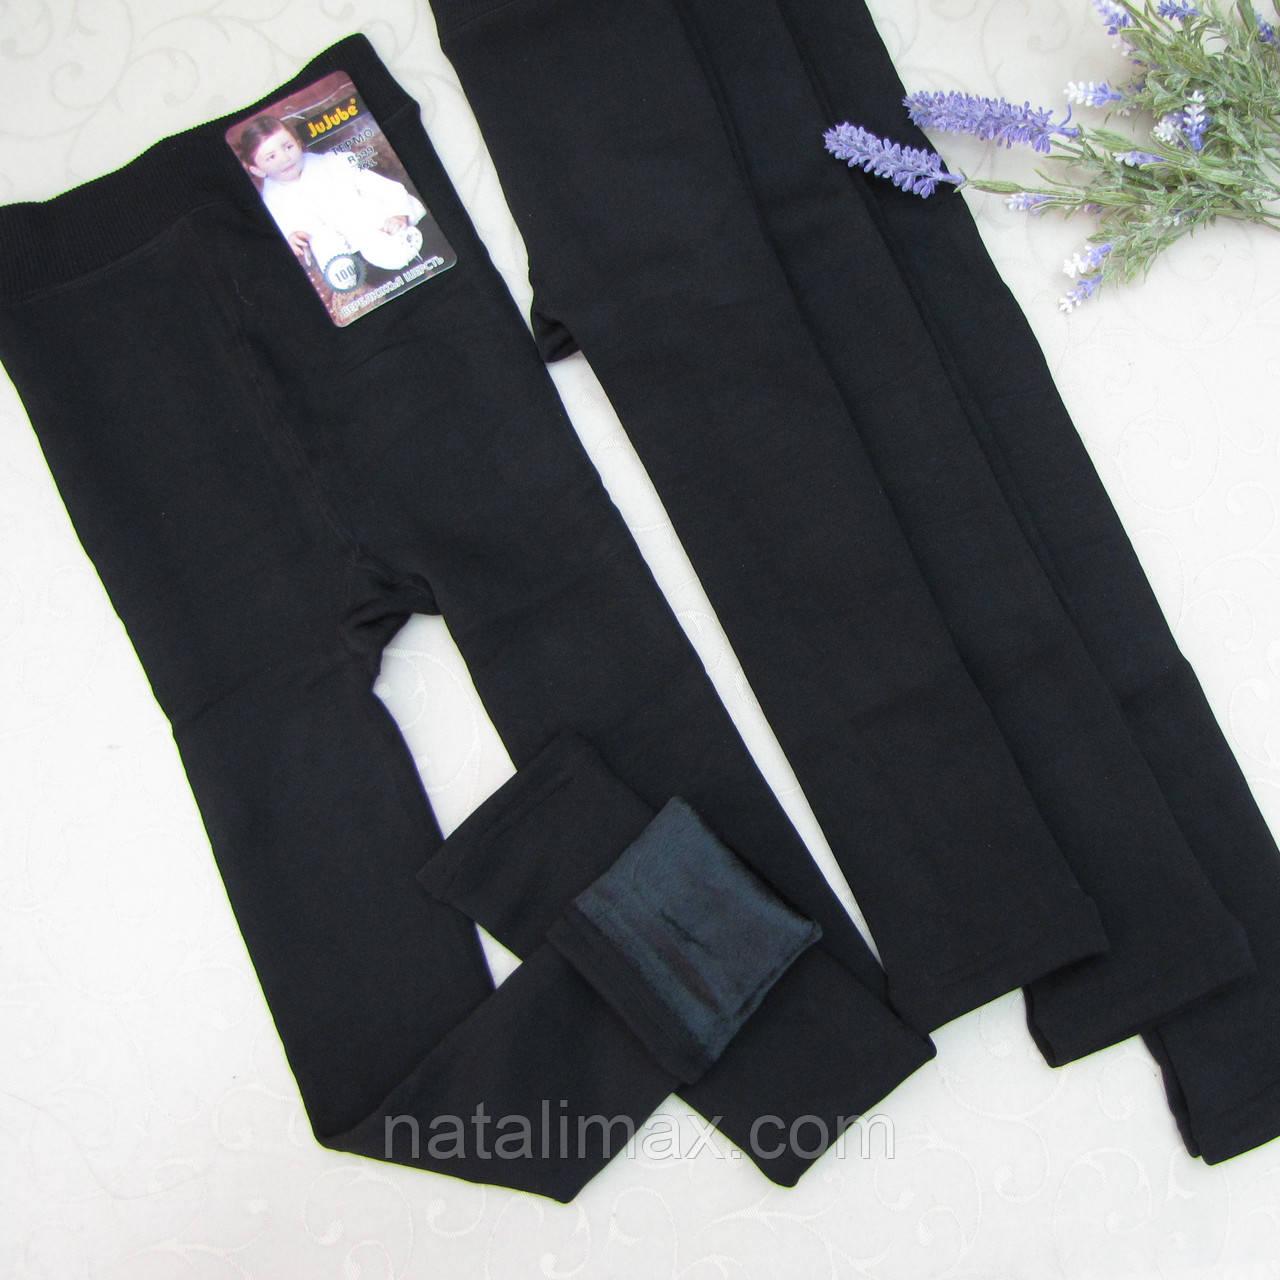 e7d020b9ba7e39b Колготы для девочек хлопок ажур. Купить детские колготы, носки ...